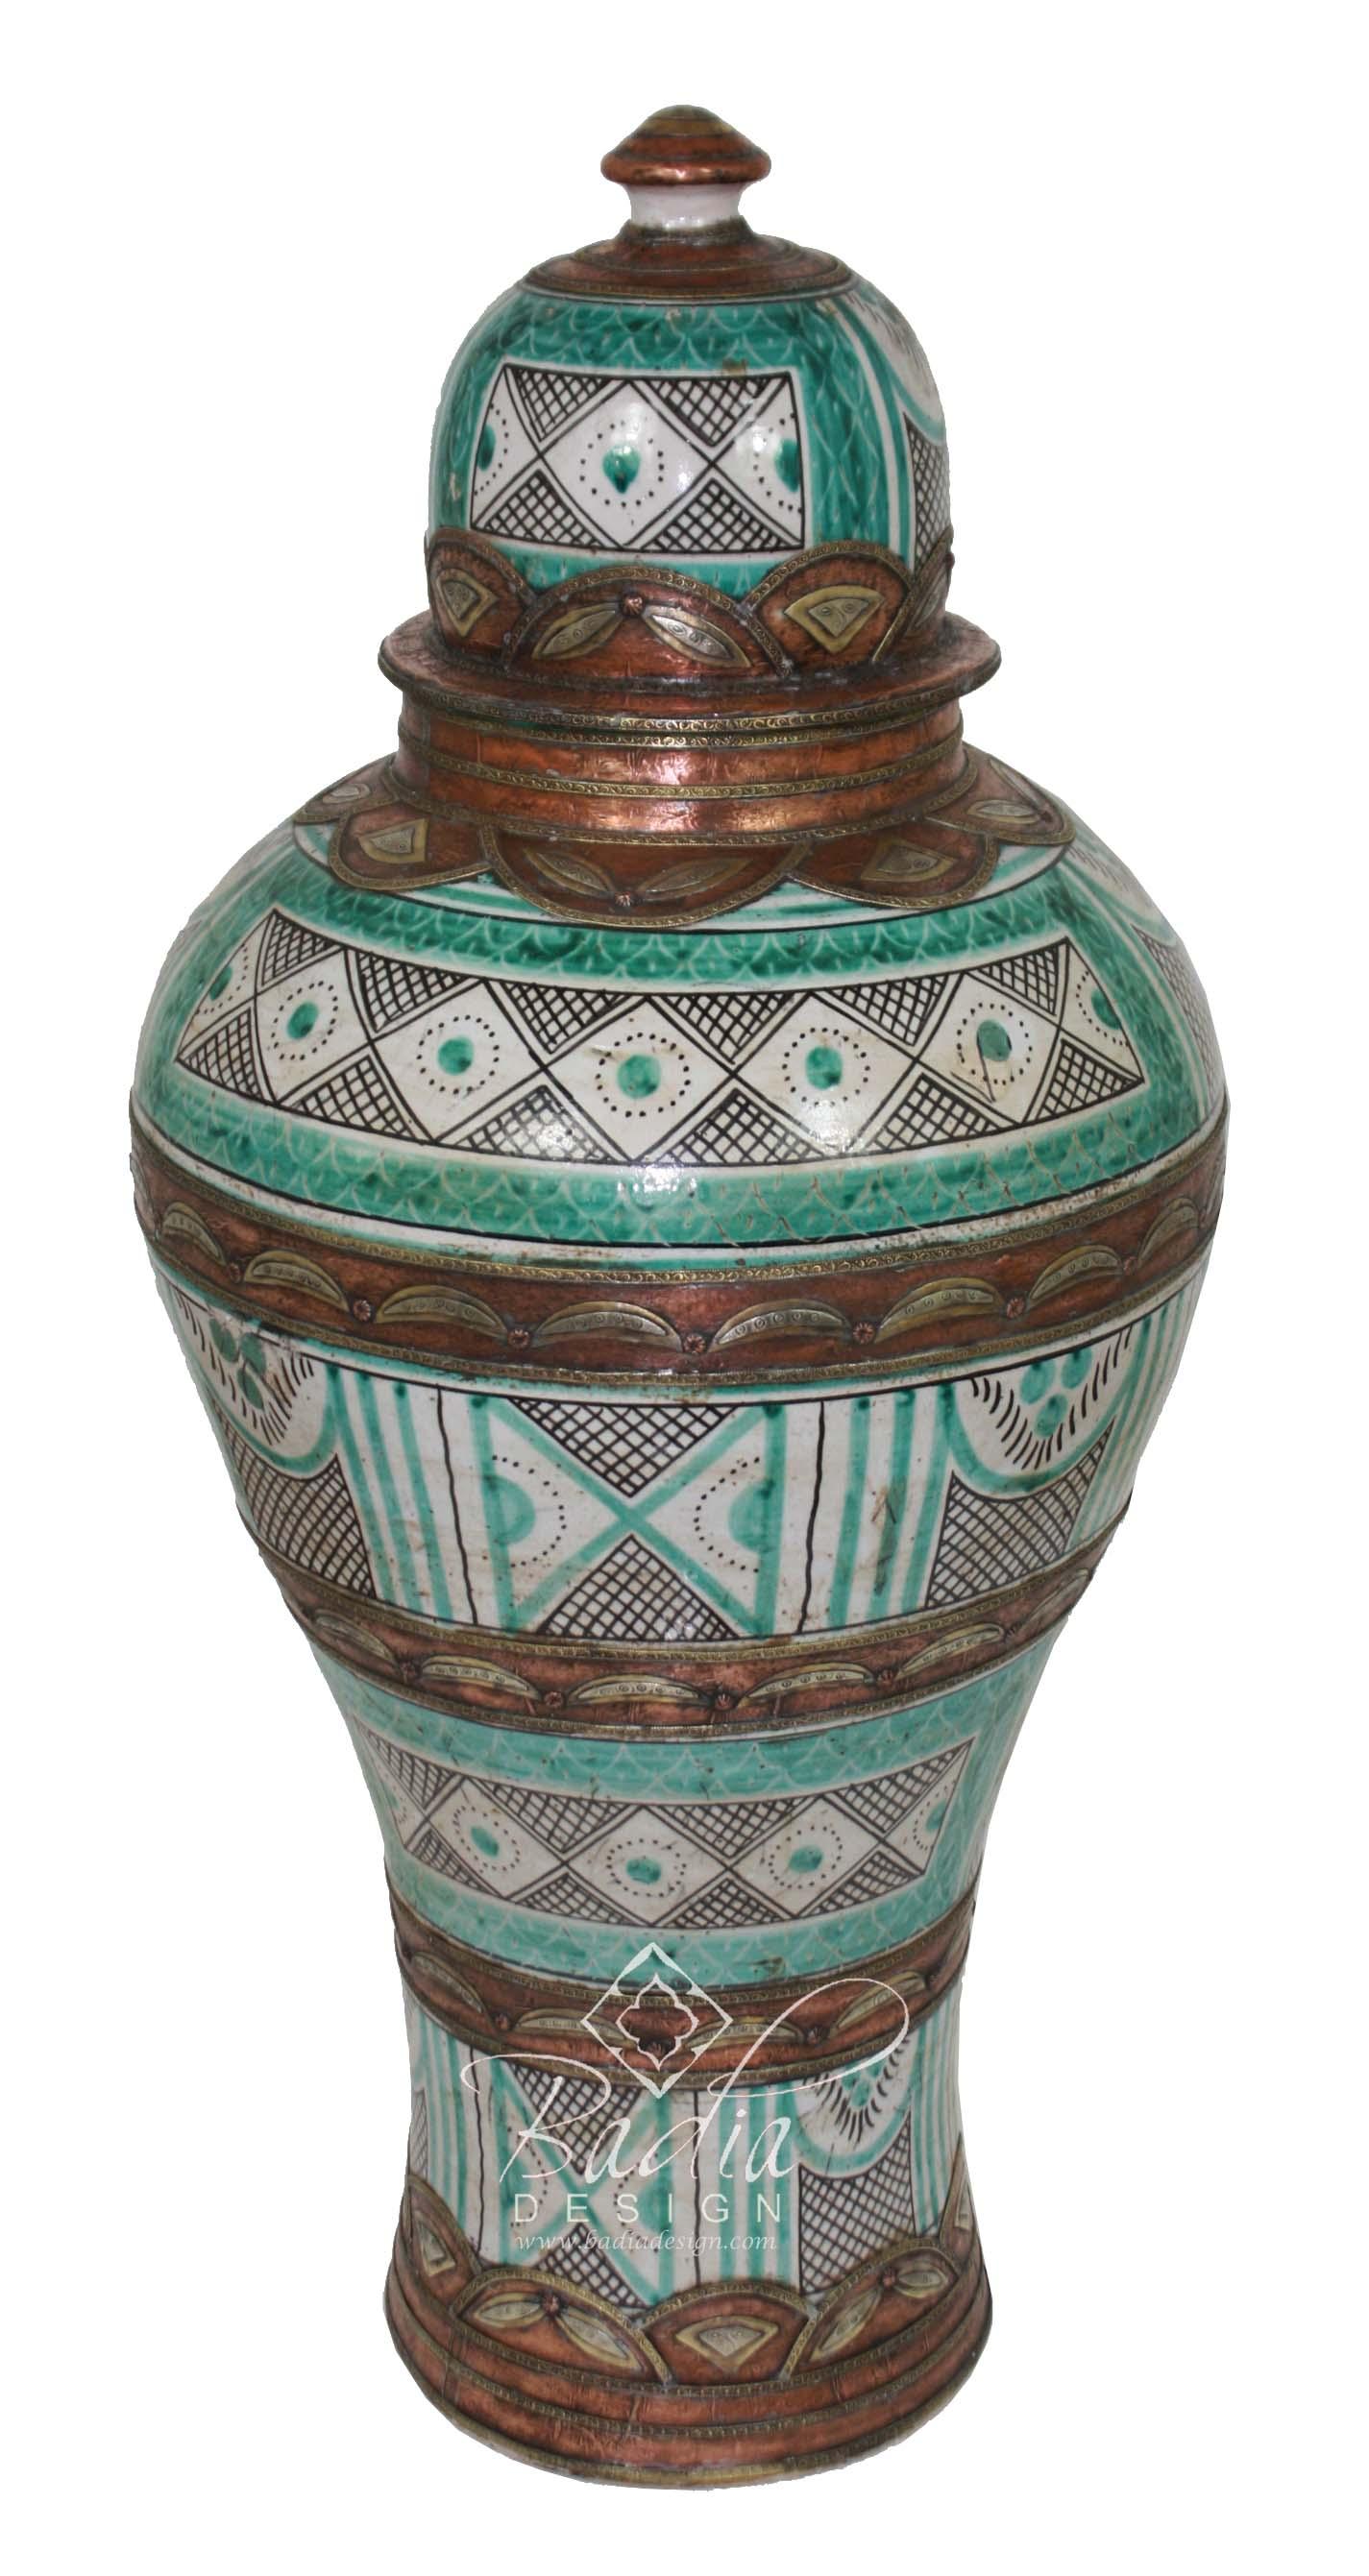 moroccan-hand-painted-metal-and-ceramic-urn-va082.jpg